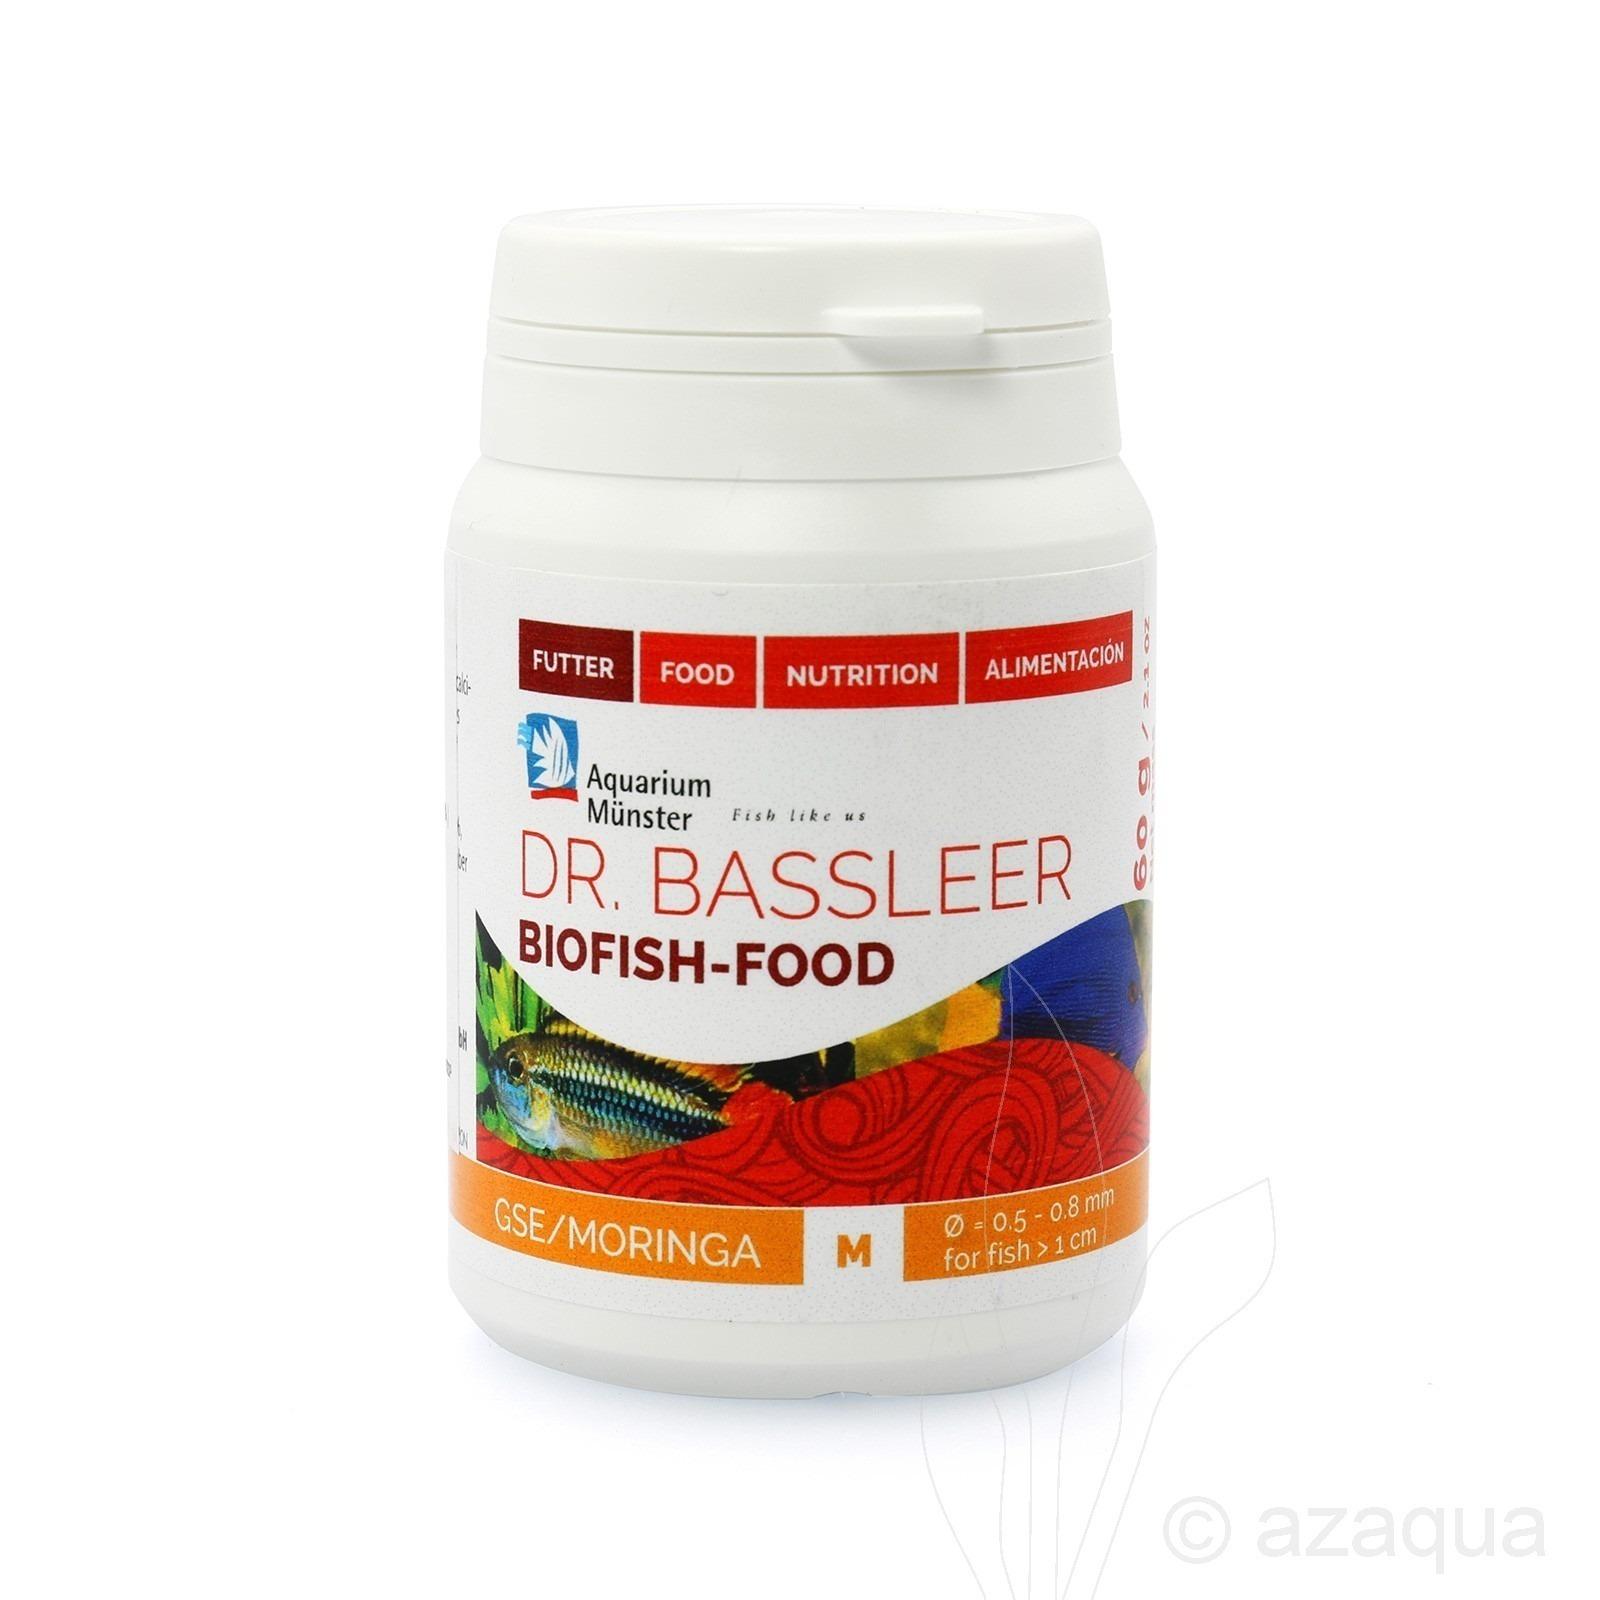 Dr.Bassleer Biofish Food GSE/Moringa M - 60gram